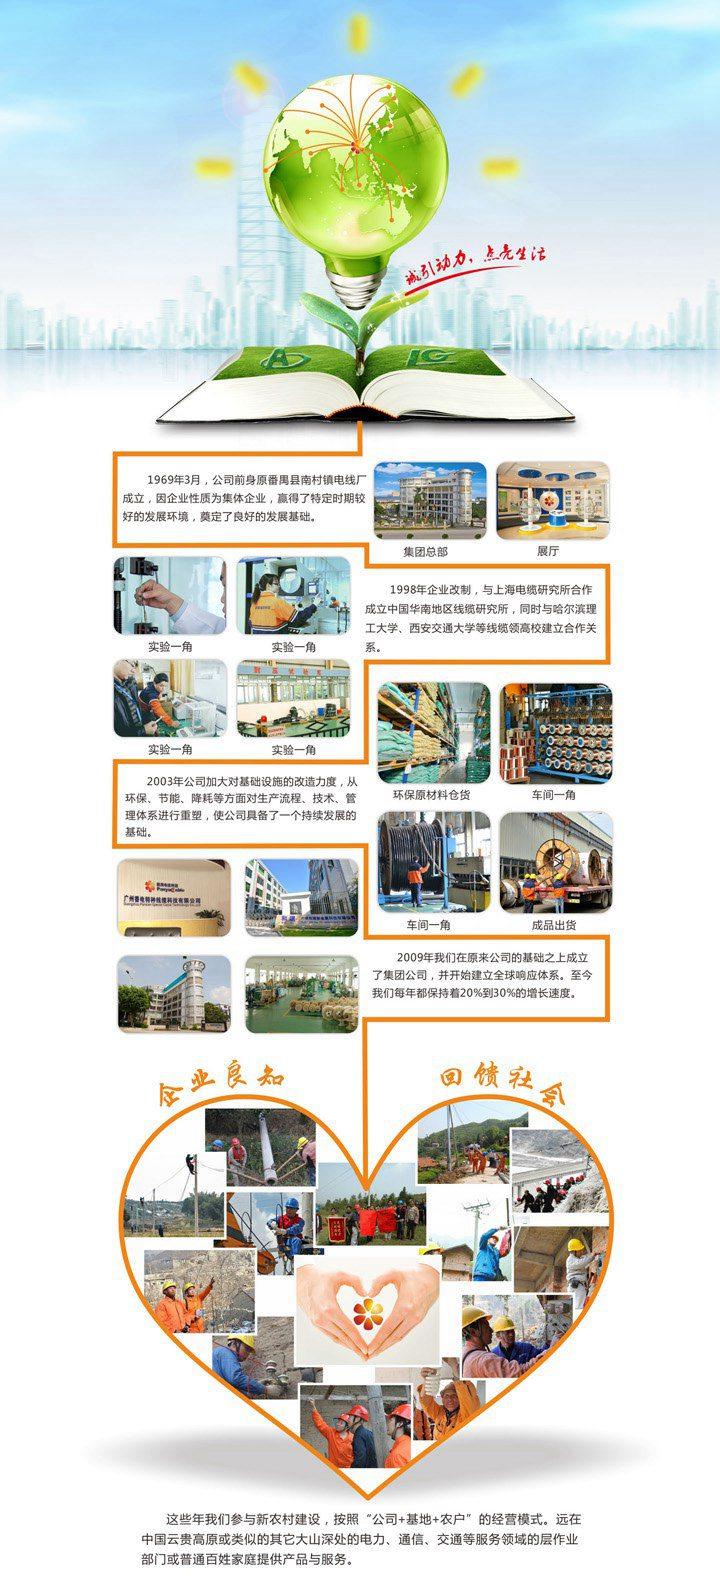 明sheng体育wang址电缆成长licheng